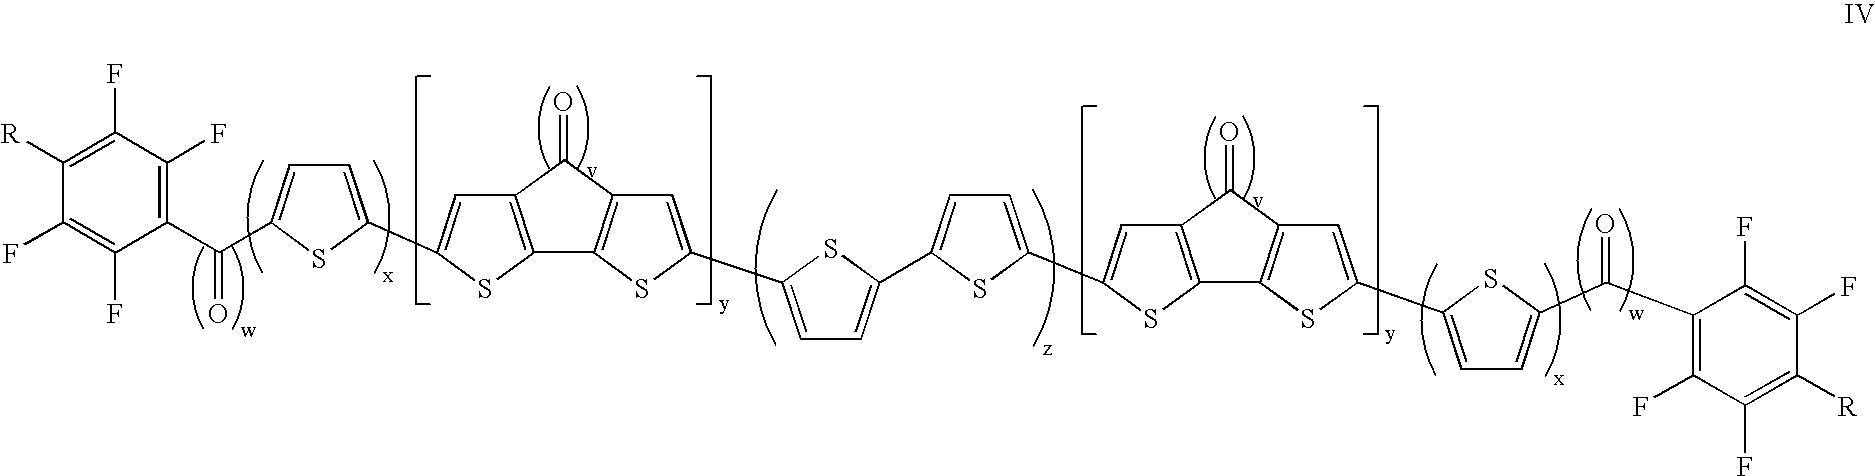 Figure US20060186401A1-20060824-C00004